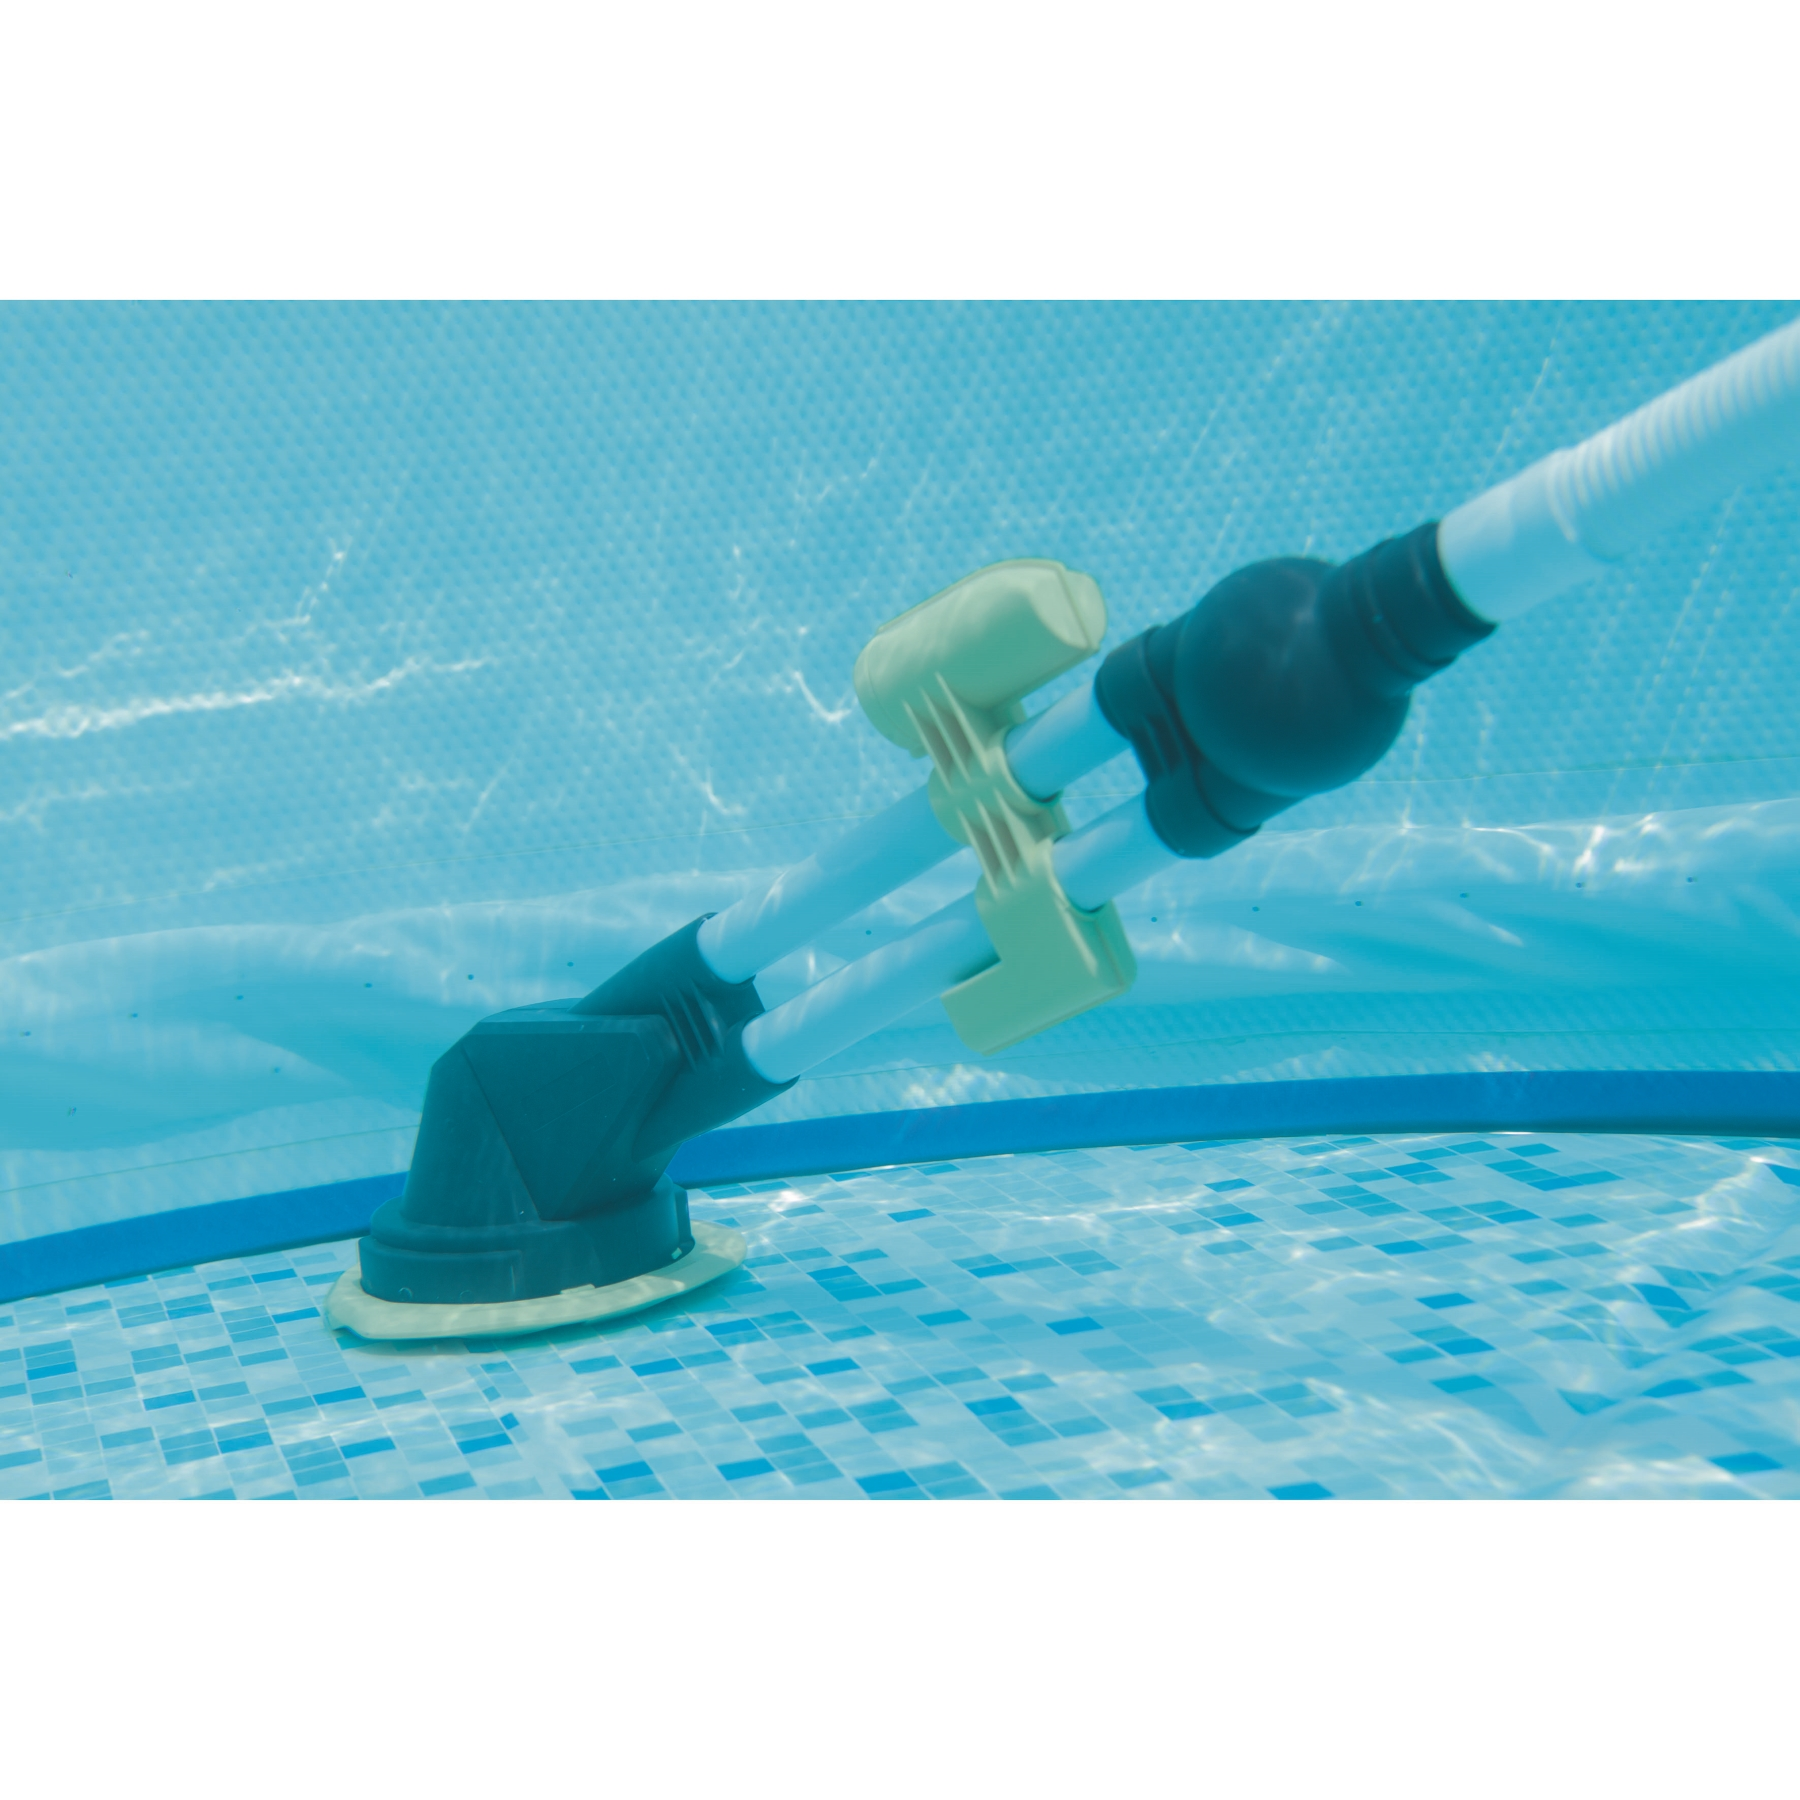 Pulitore bestway aquaclimb per piscine ferramenta - Pulitore per piscina ...